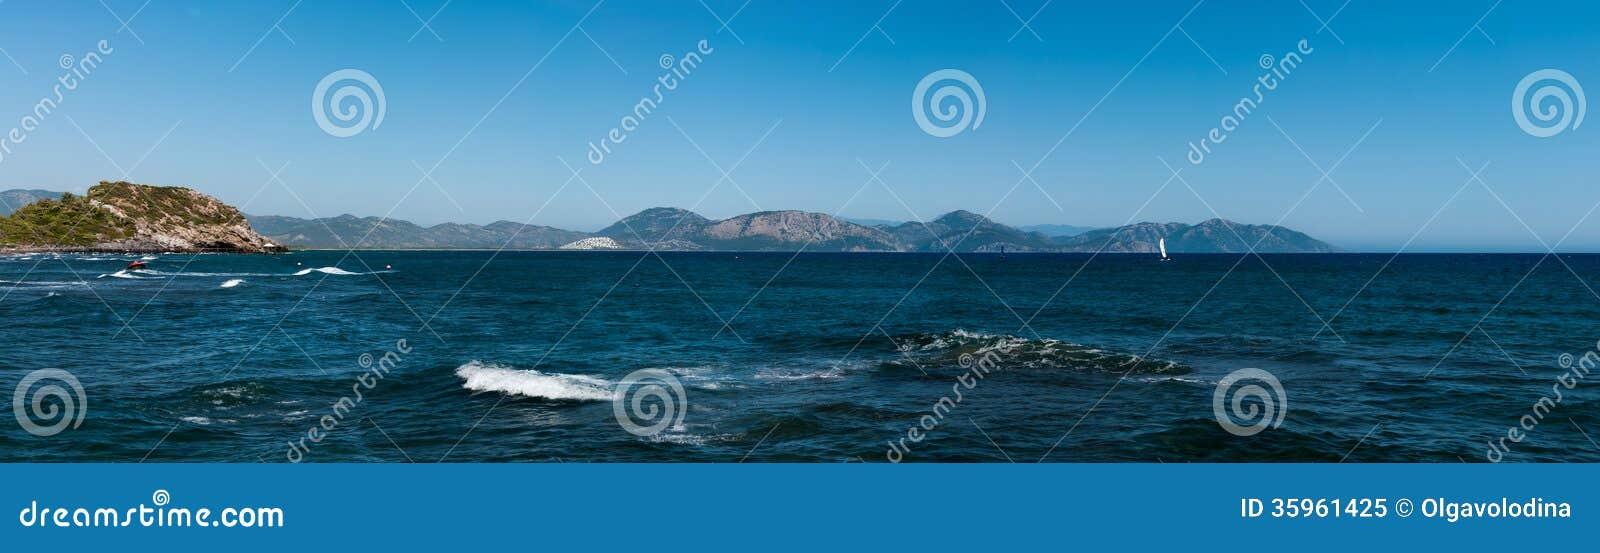 Panorama del Mar Egeo y de Taurus Mountains de Dalaman en Turquía